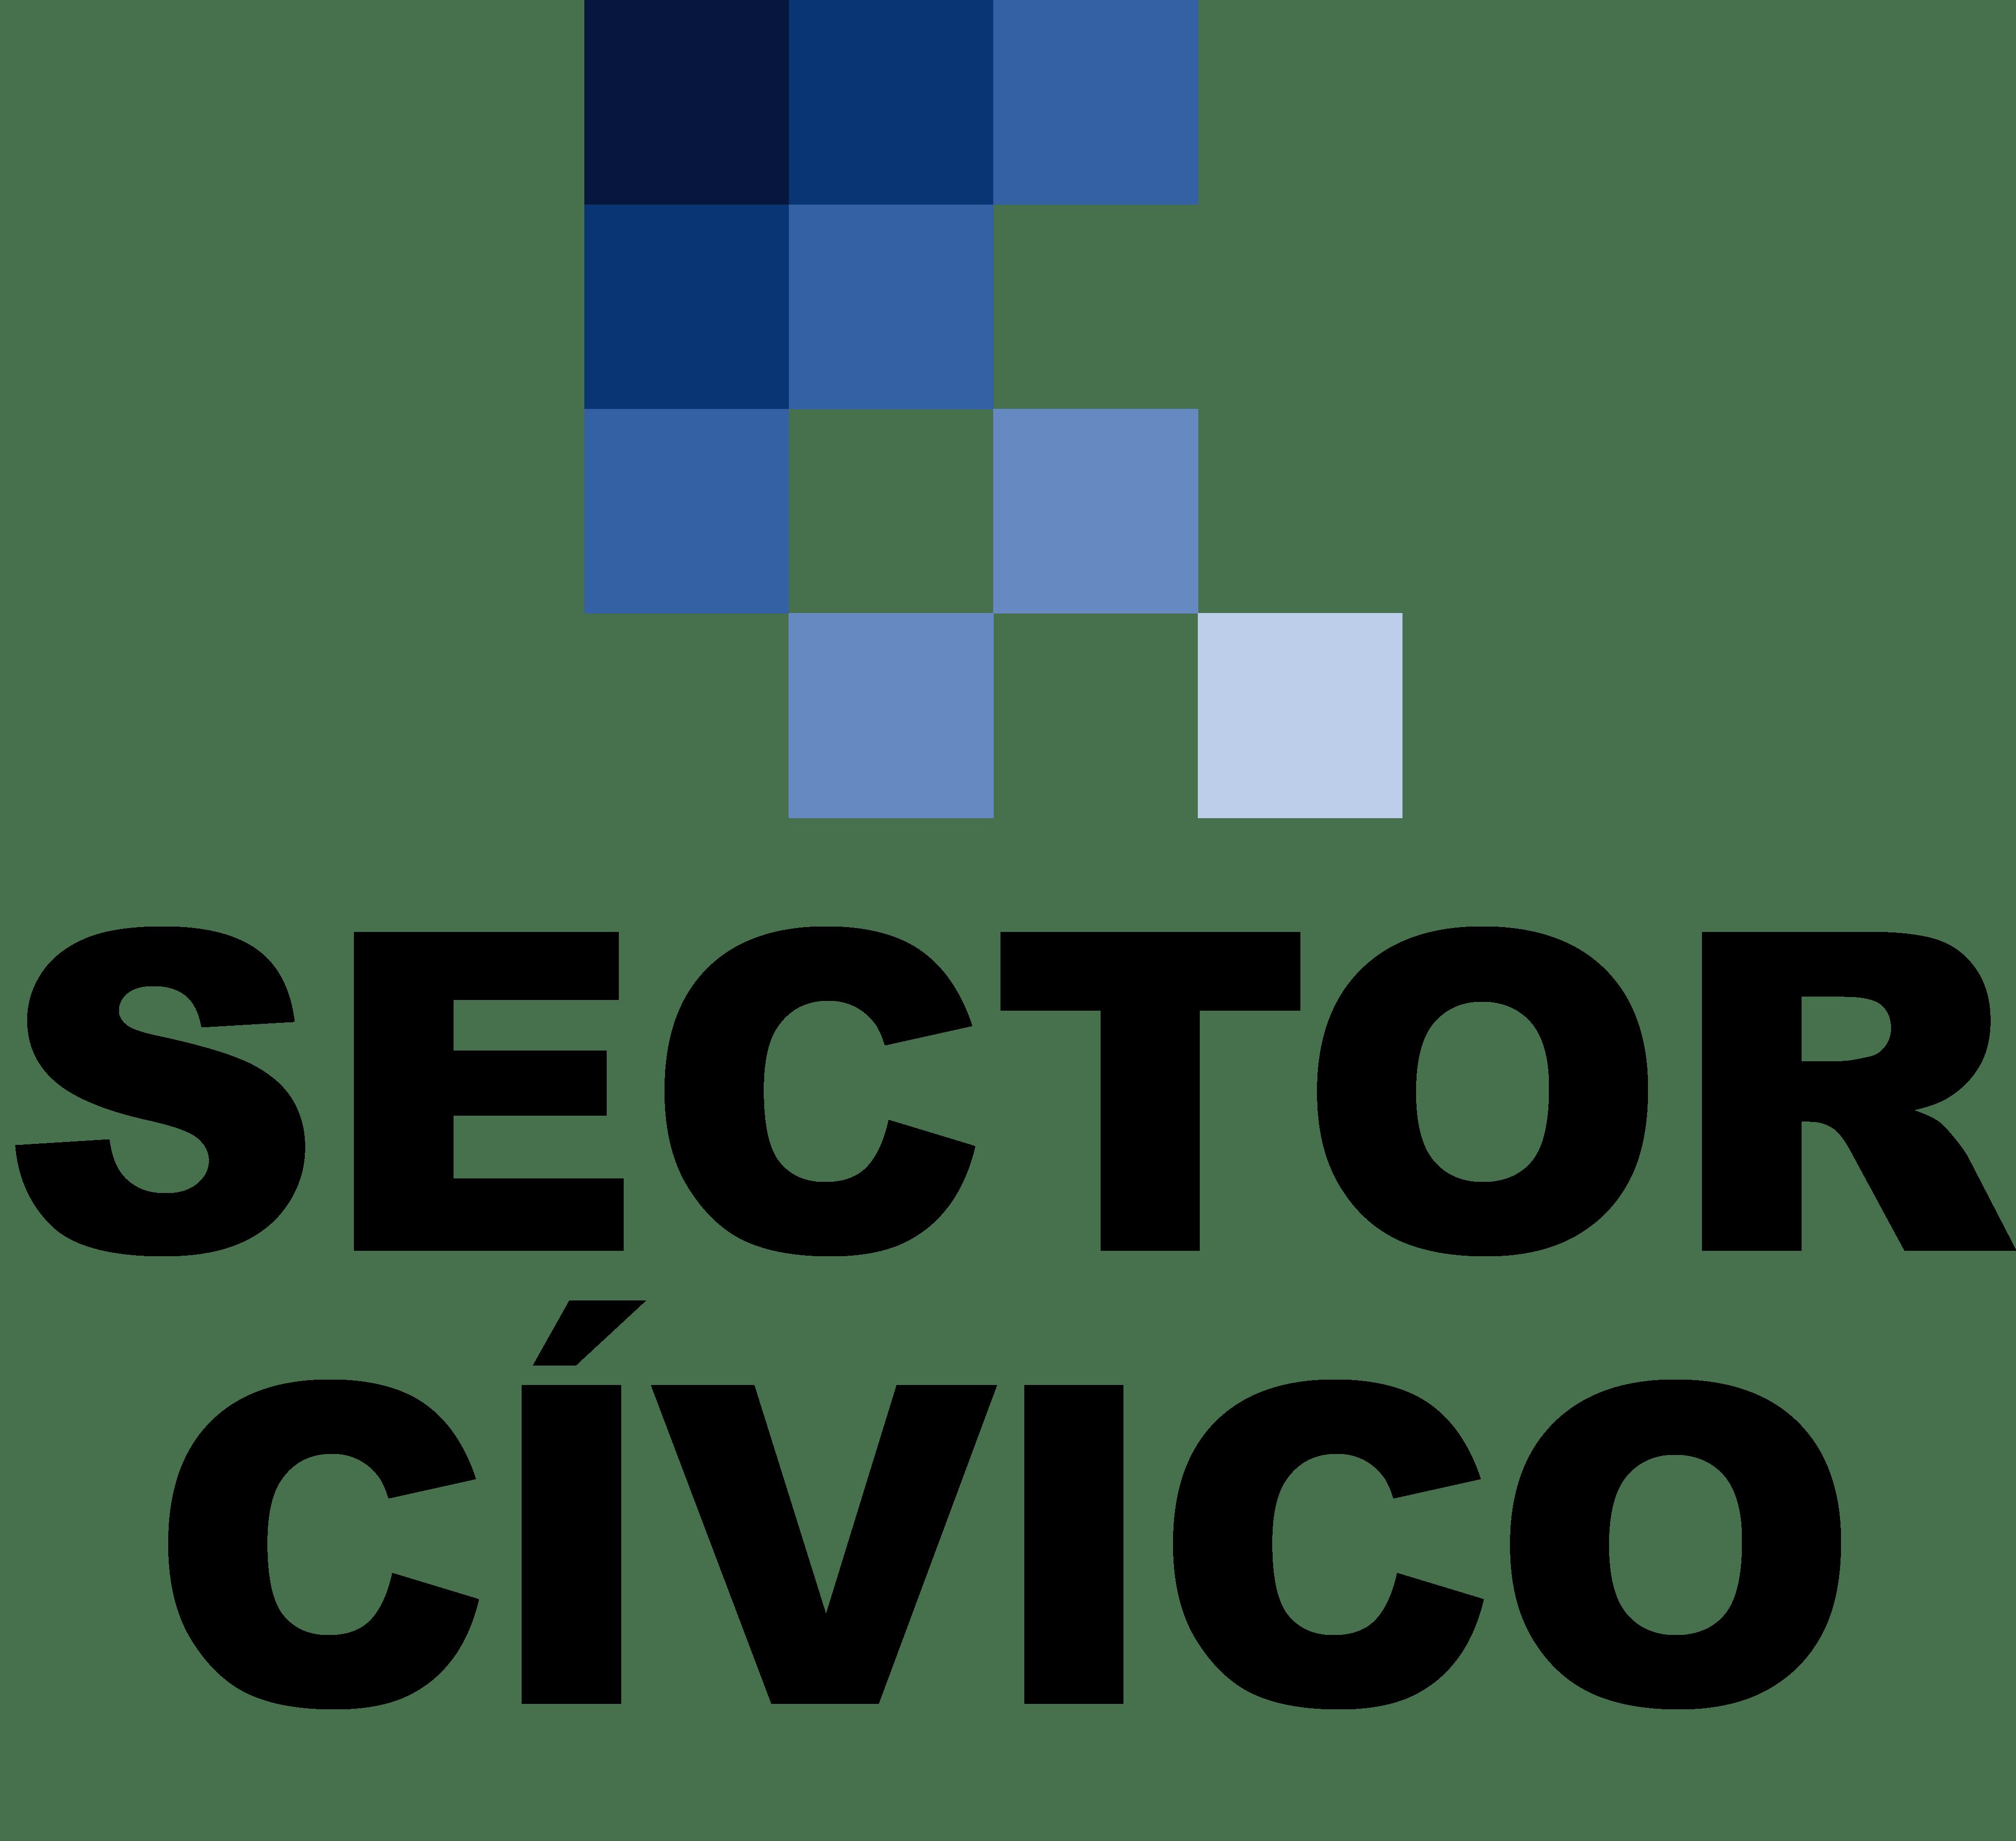 SECTOR CIVICO